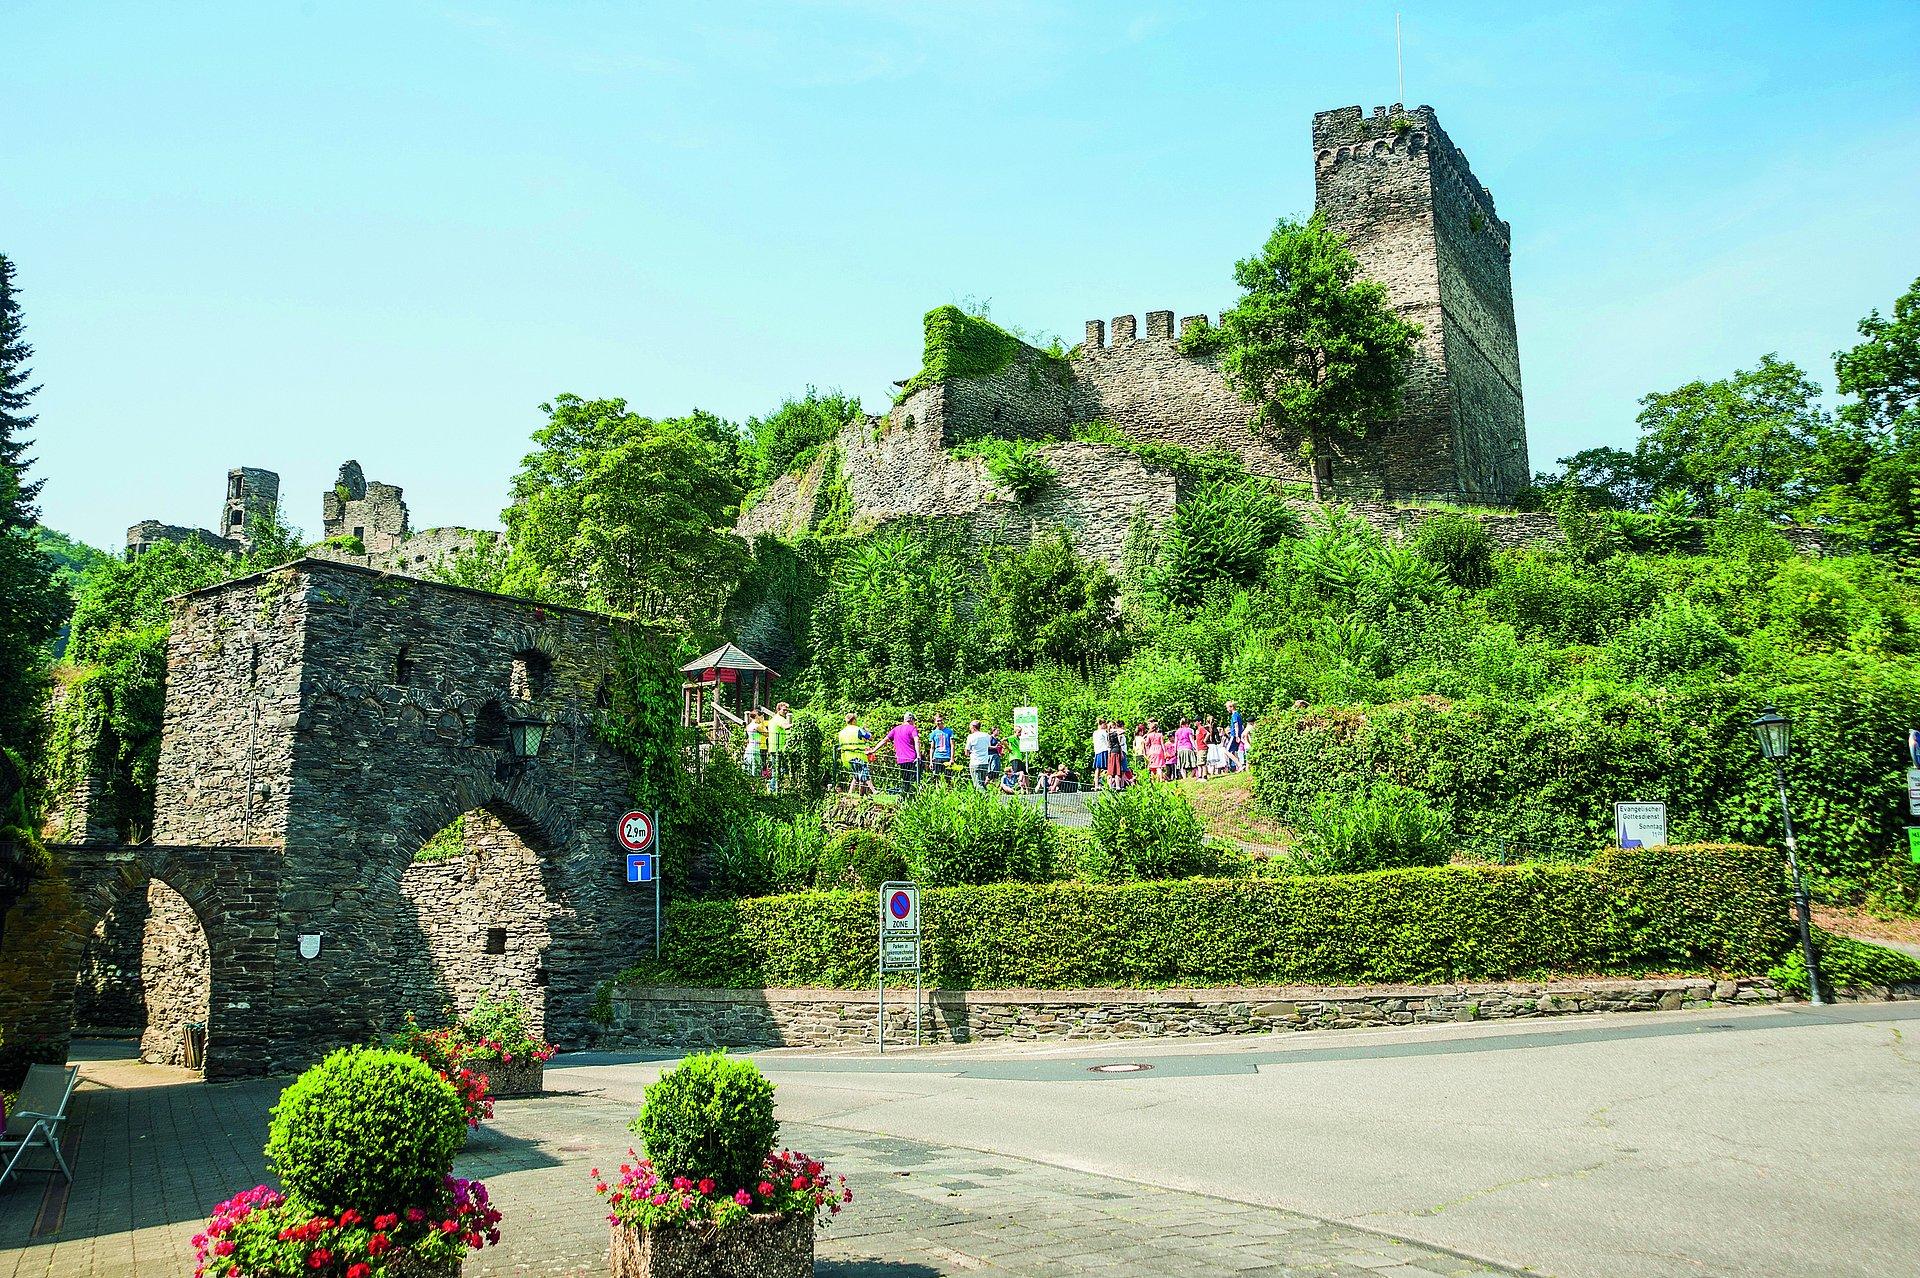 Blick auf die Burgruine Altwied, Romantischer Rhein